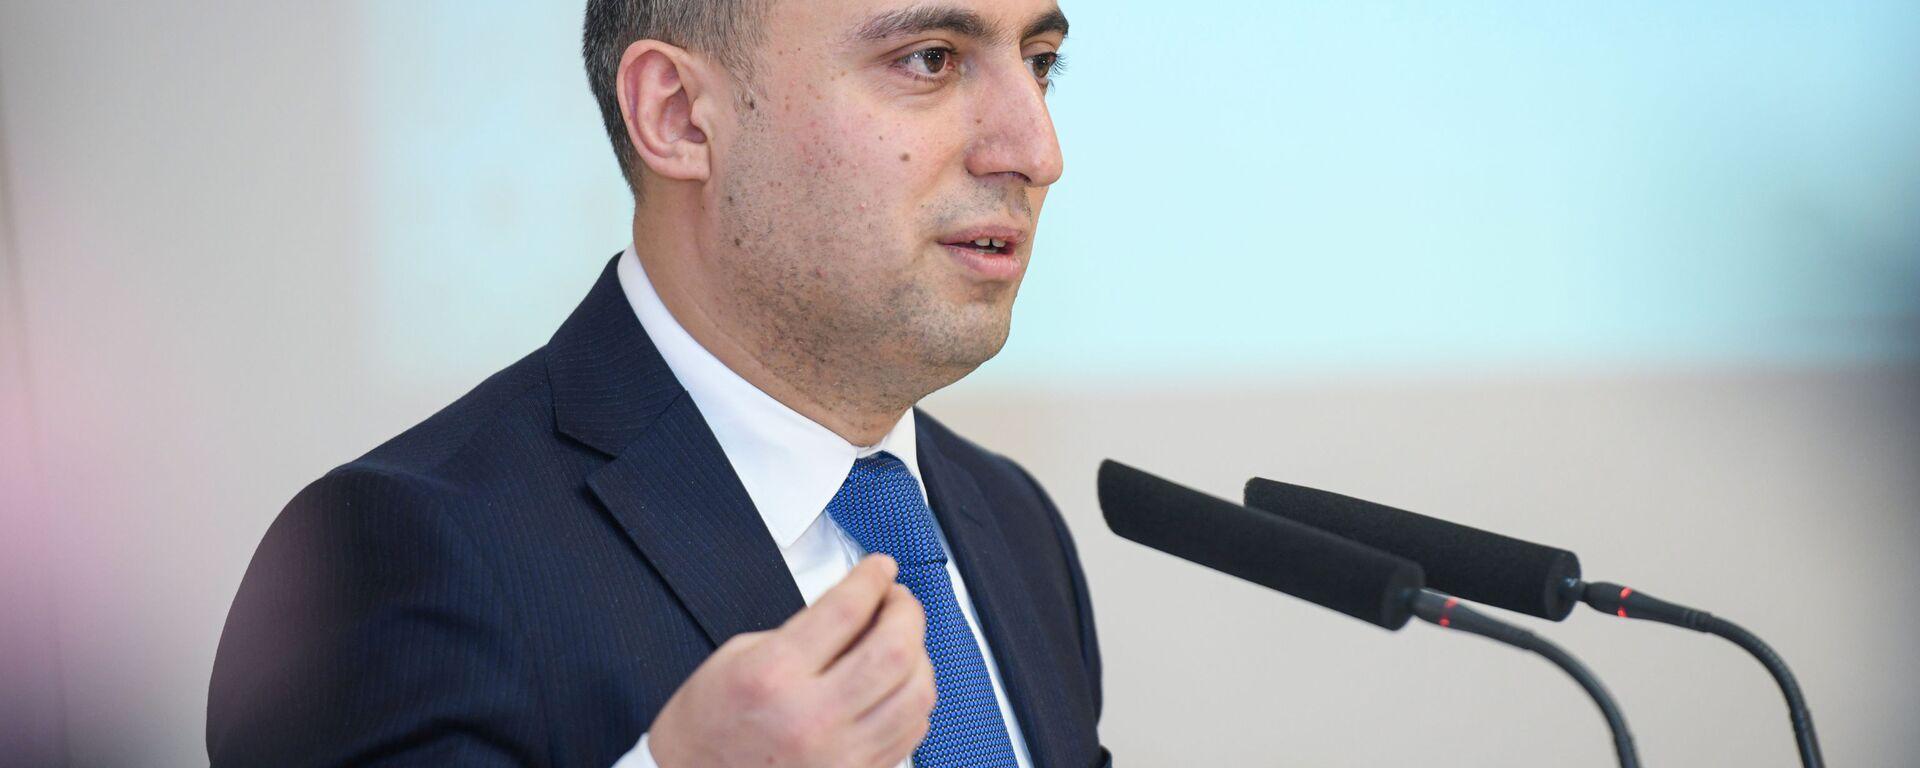 Təhsil naziri Emin Əmrullayev - Sputnik Азербайджан, 1920, 06.05.2021